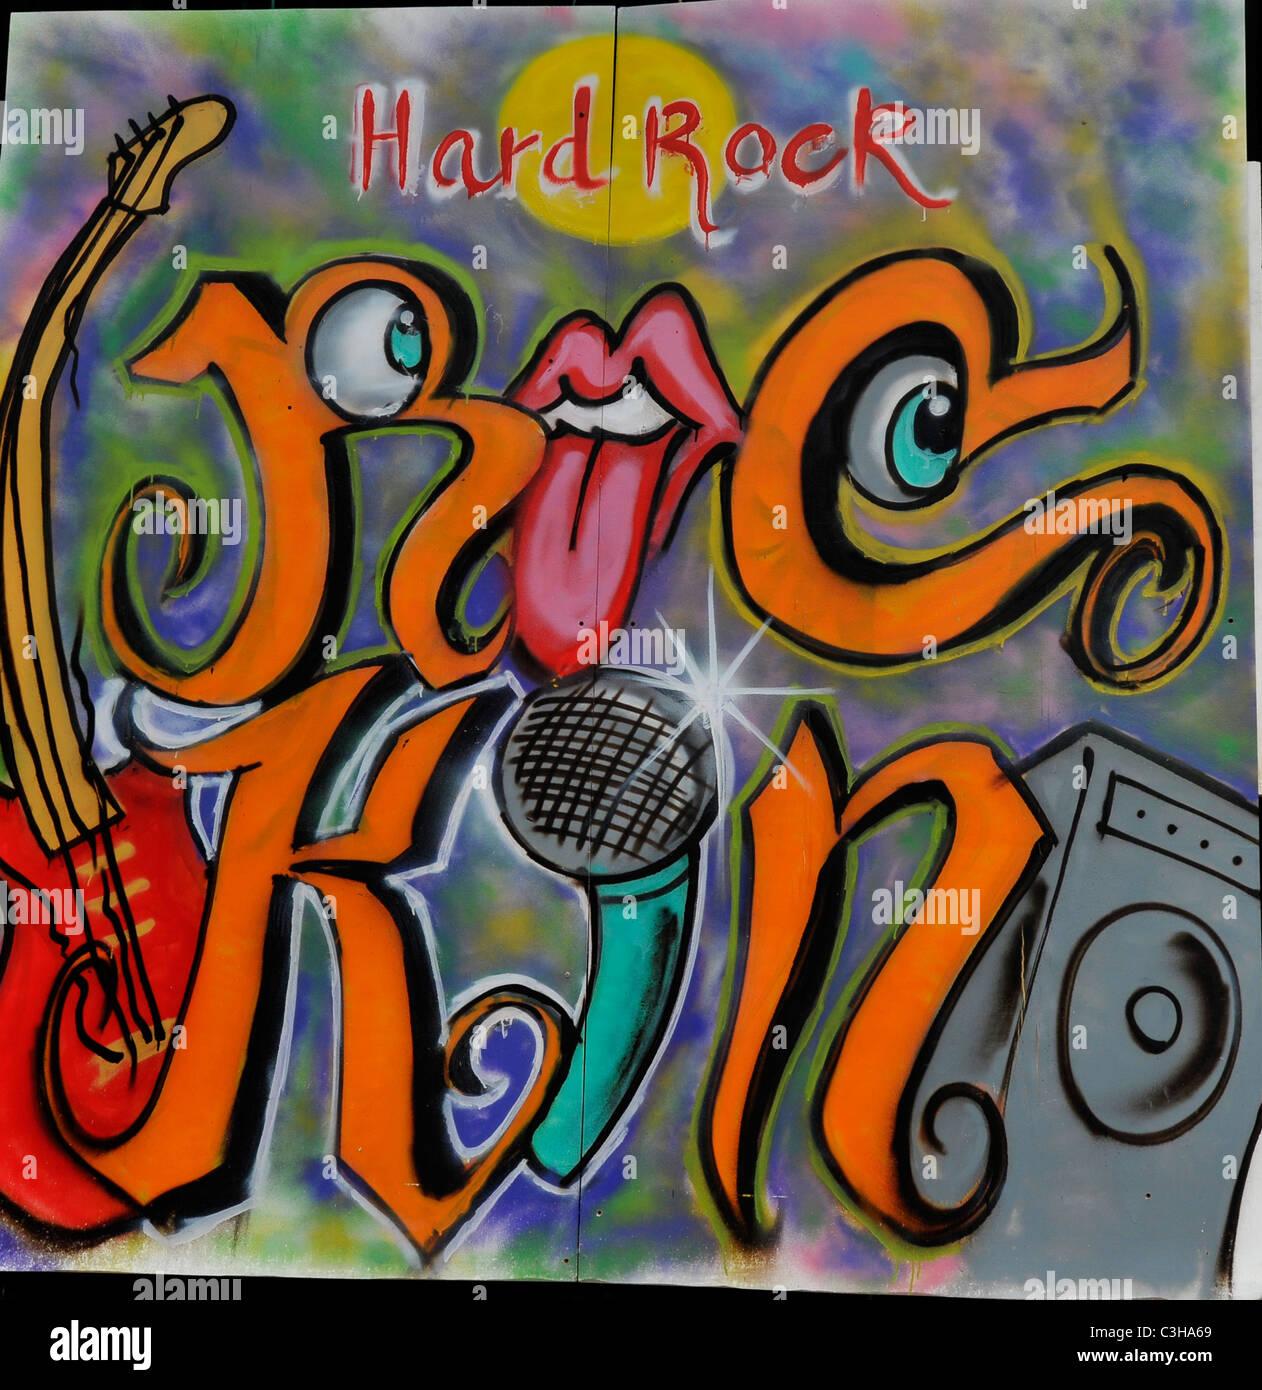 Hard Rock Caf Ef Bf Bd Bangkok Nouveau